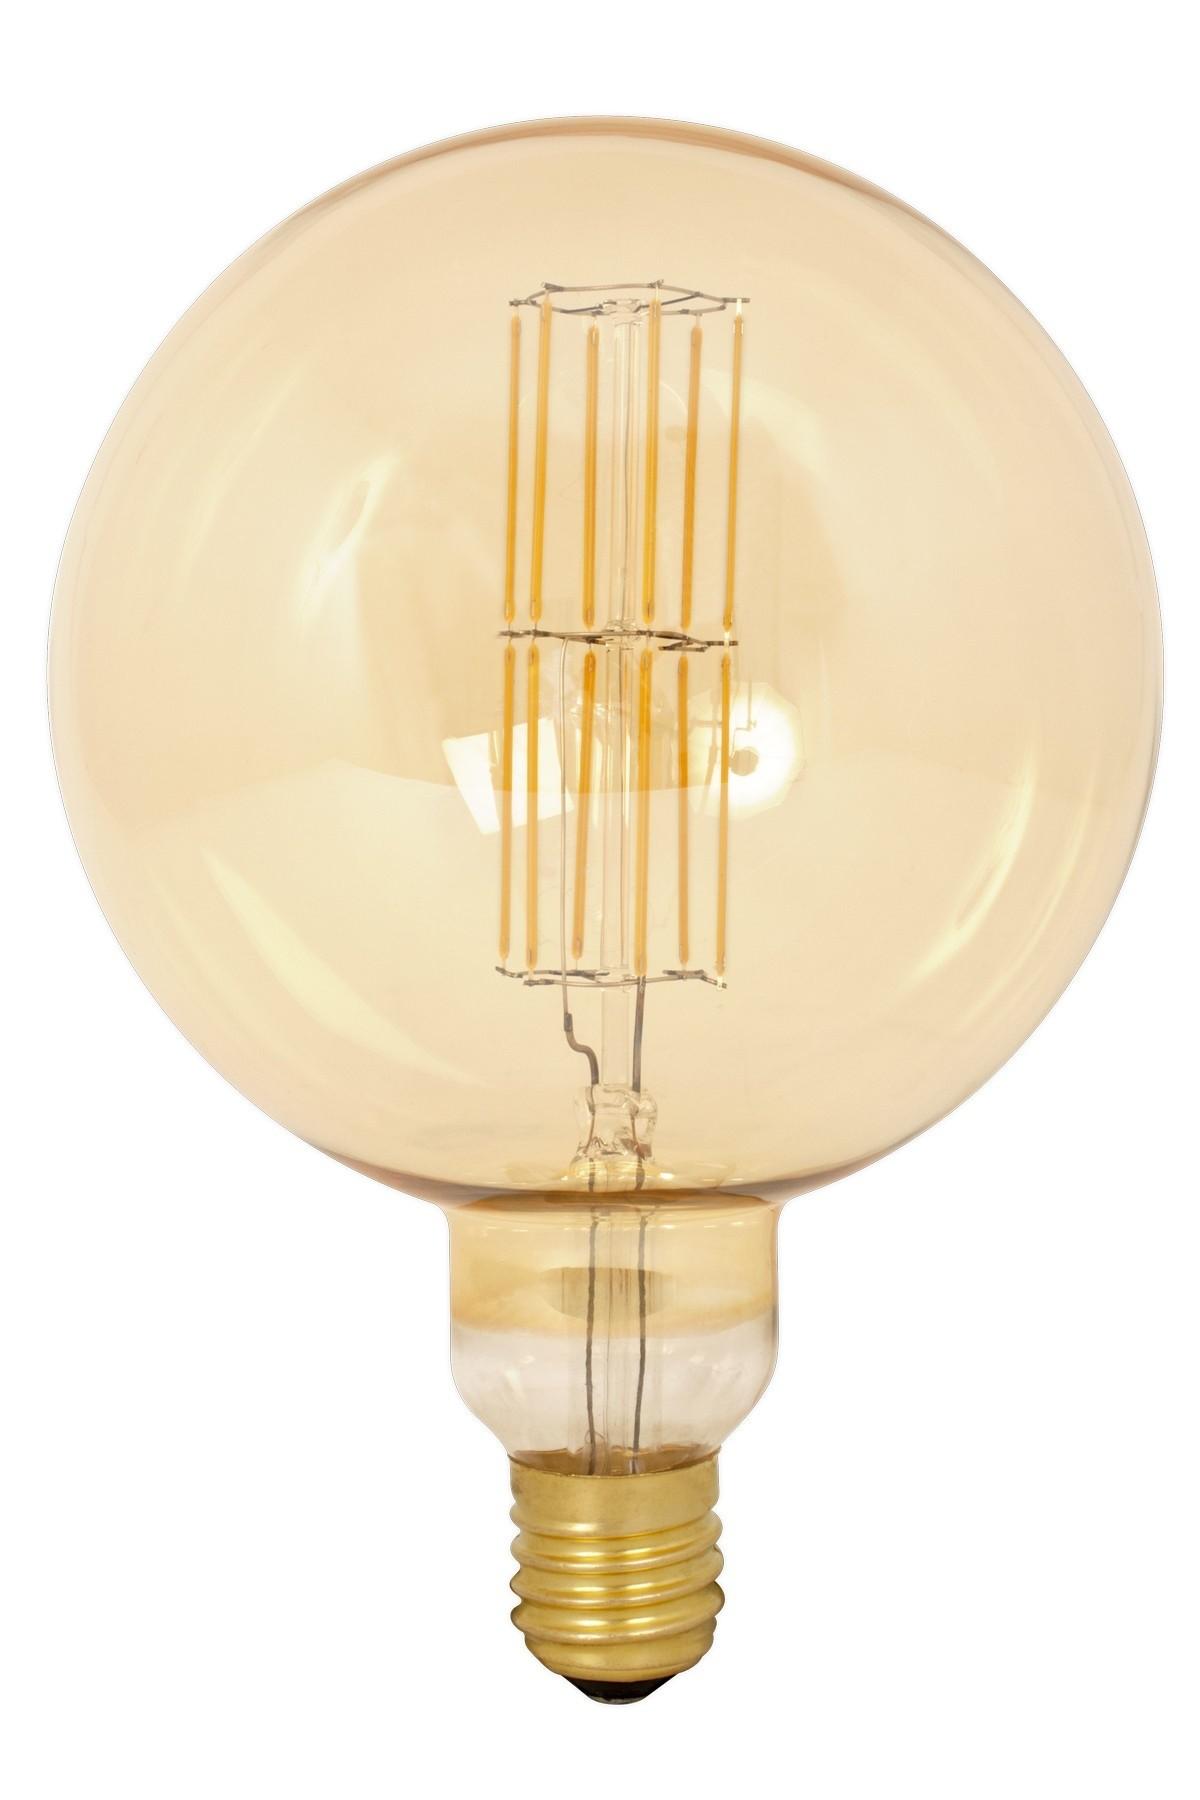 Giant led xxl mega grote mondgeblazen led lampen van calex led mega globe giant xxl dimmable filament bulb e40 parisarafo Images